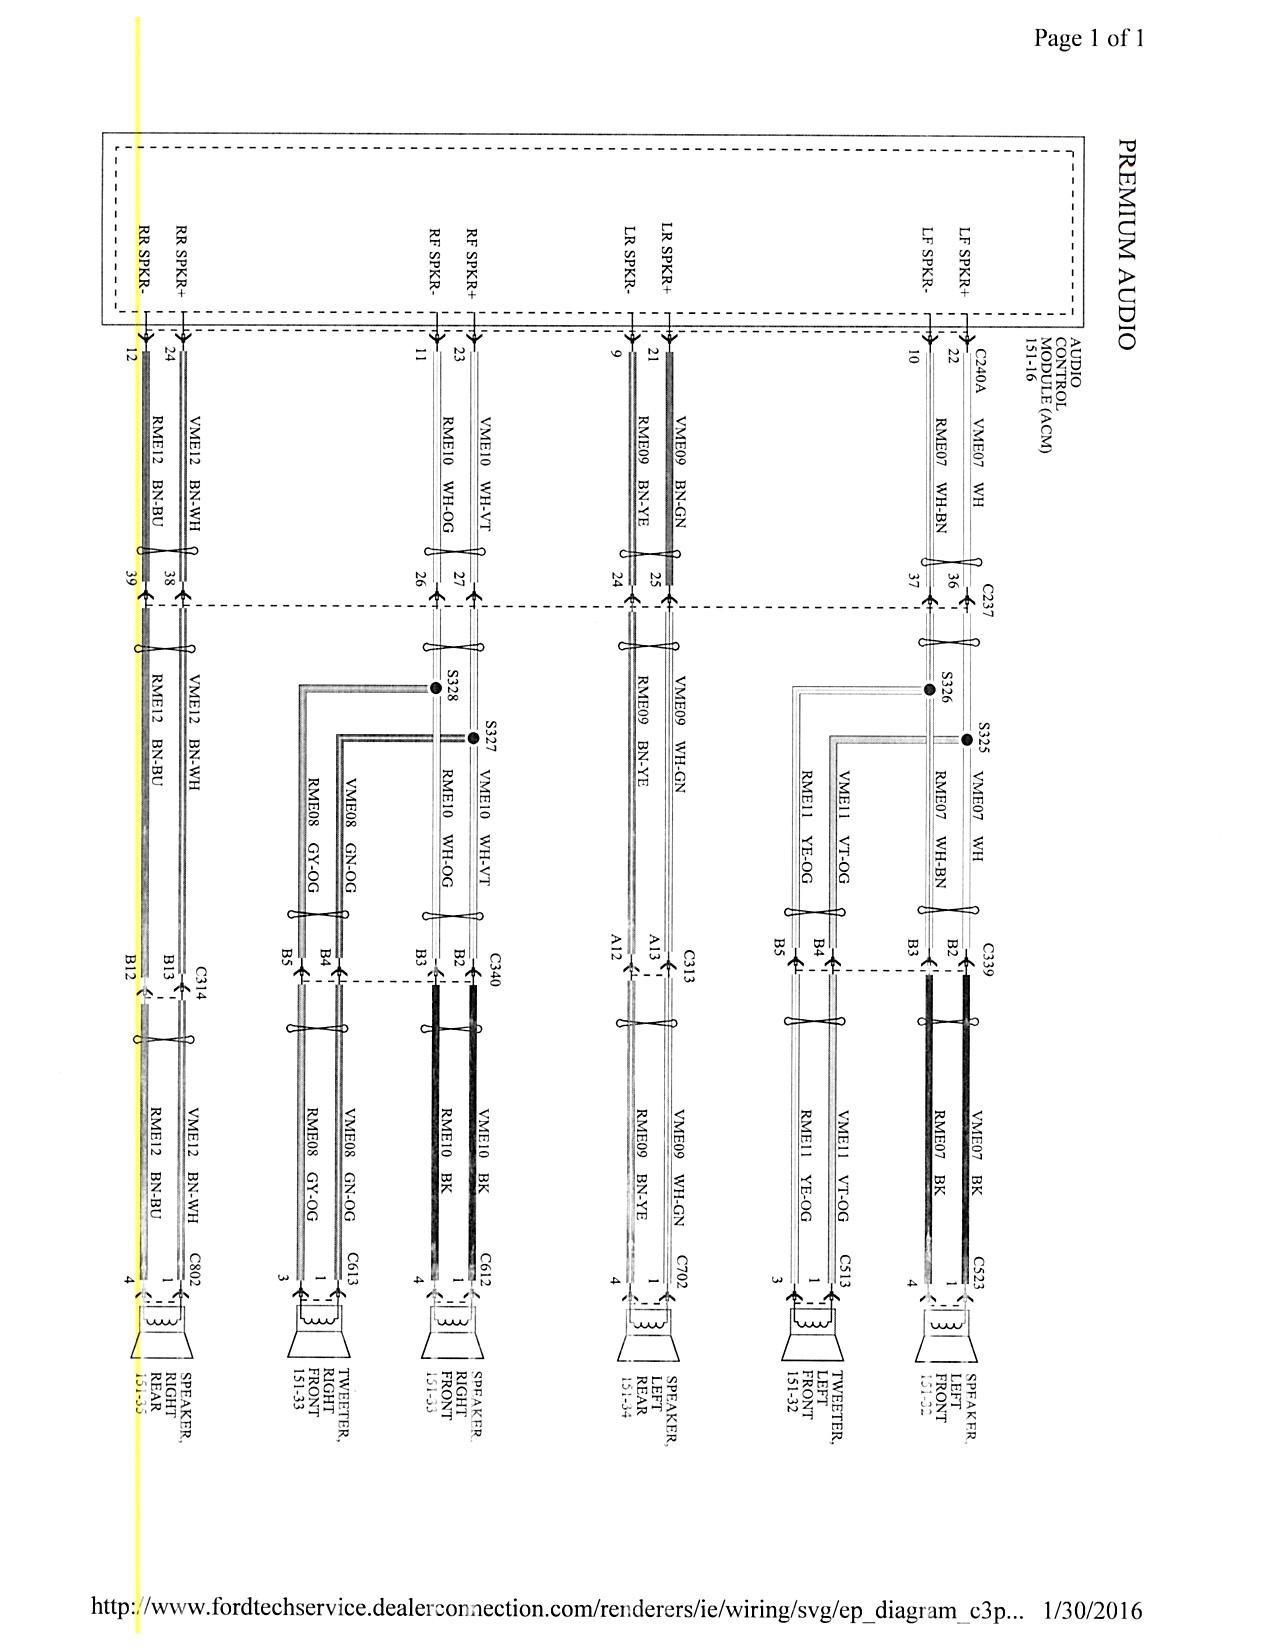 2001 ford Focus Wiring Diagram Unique Steering Wheel Radio Controls Wiring Diagram Diagram Of 2001 ford Focus Wiring Diagram